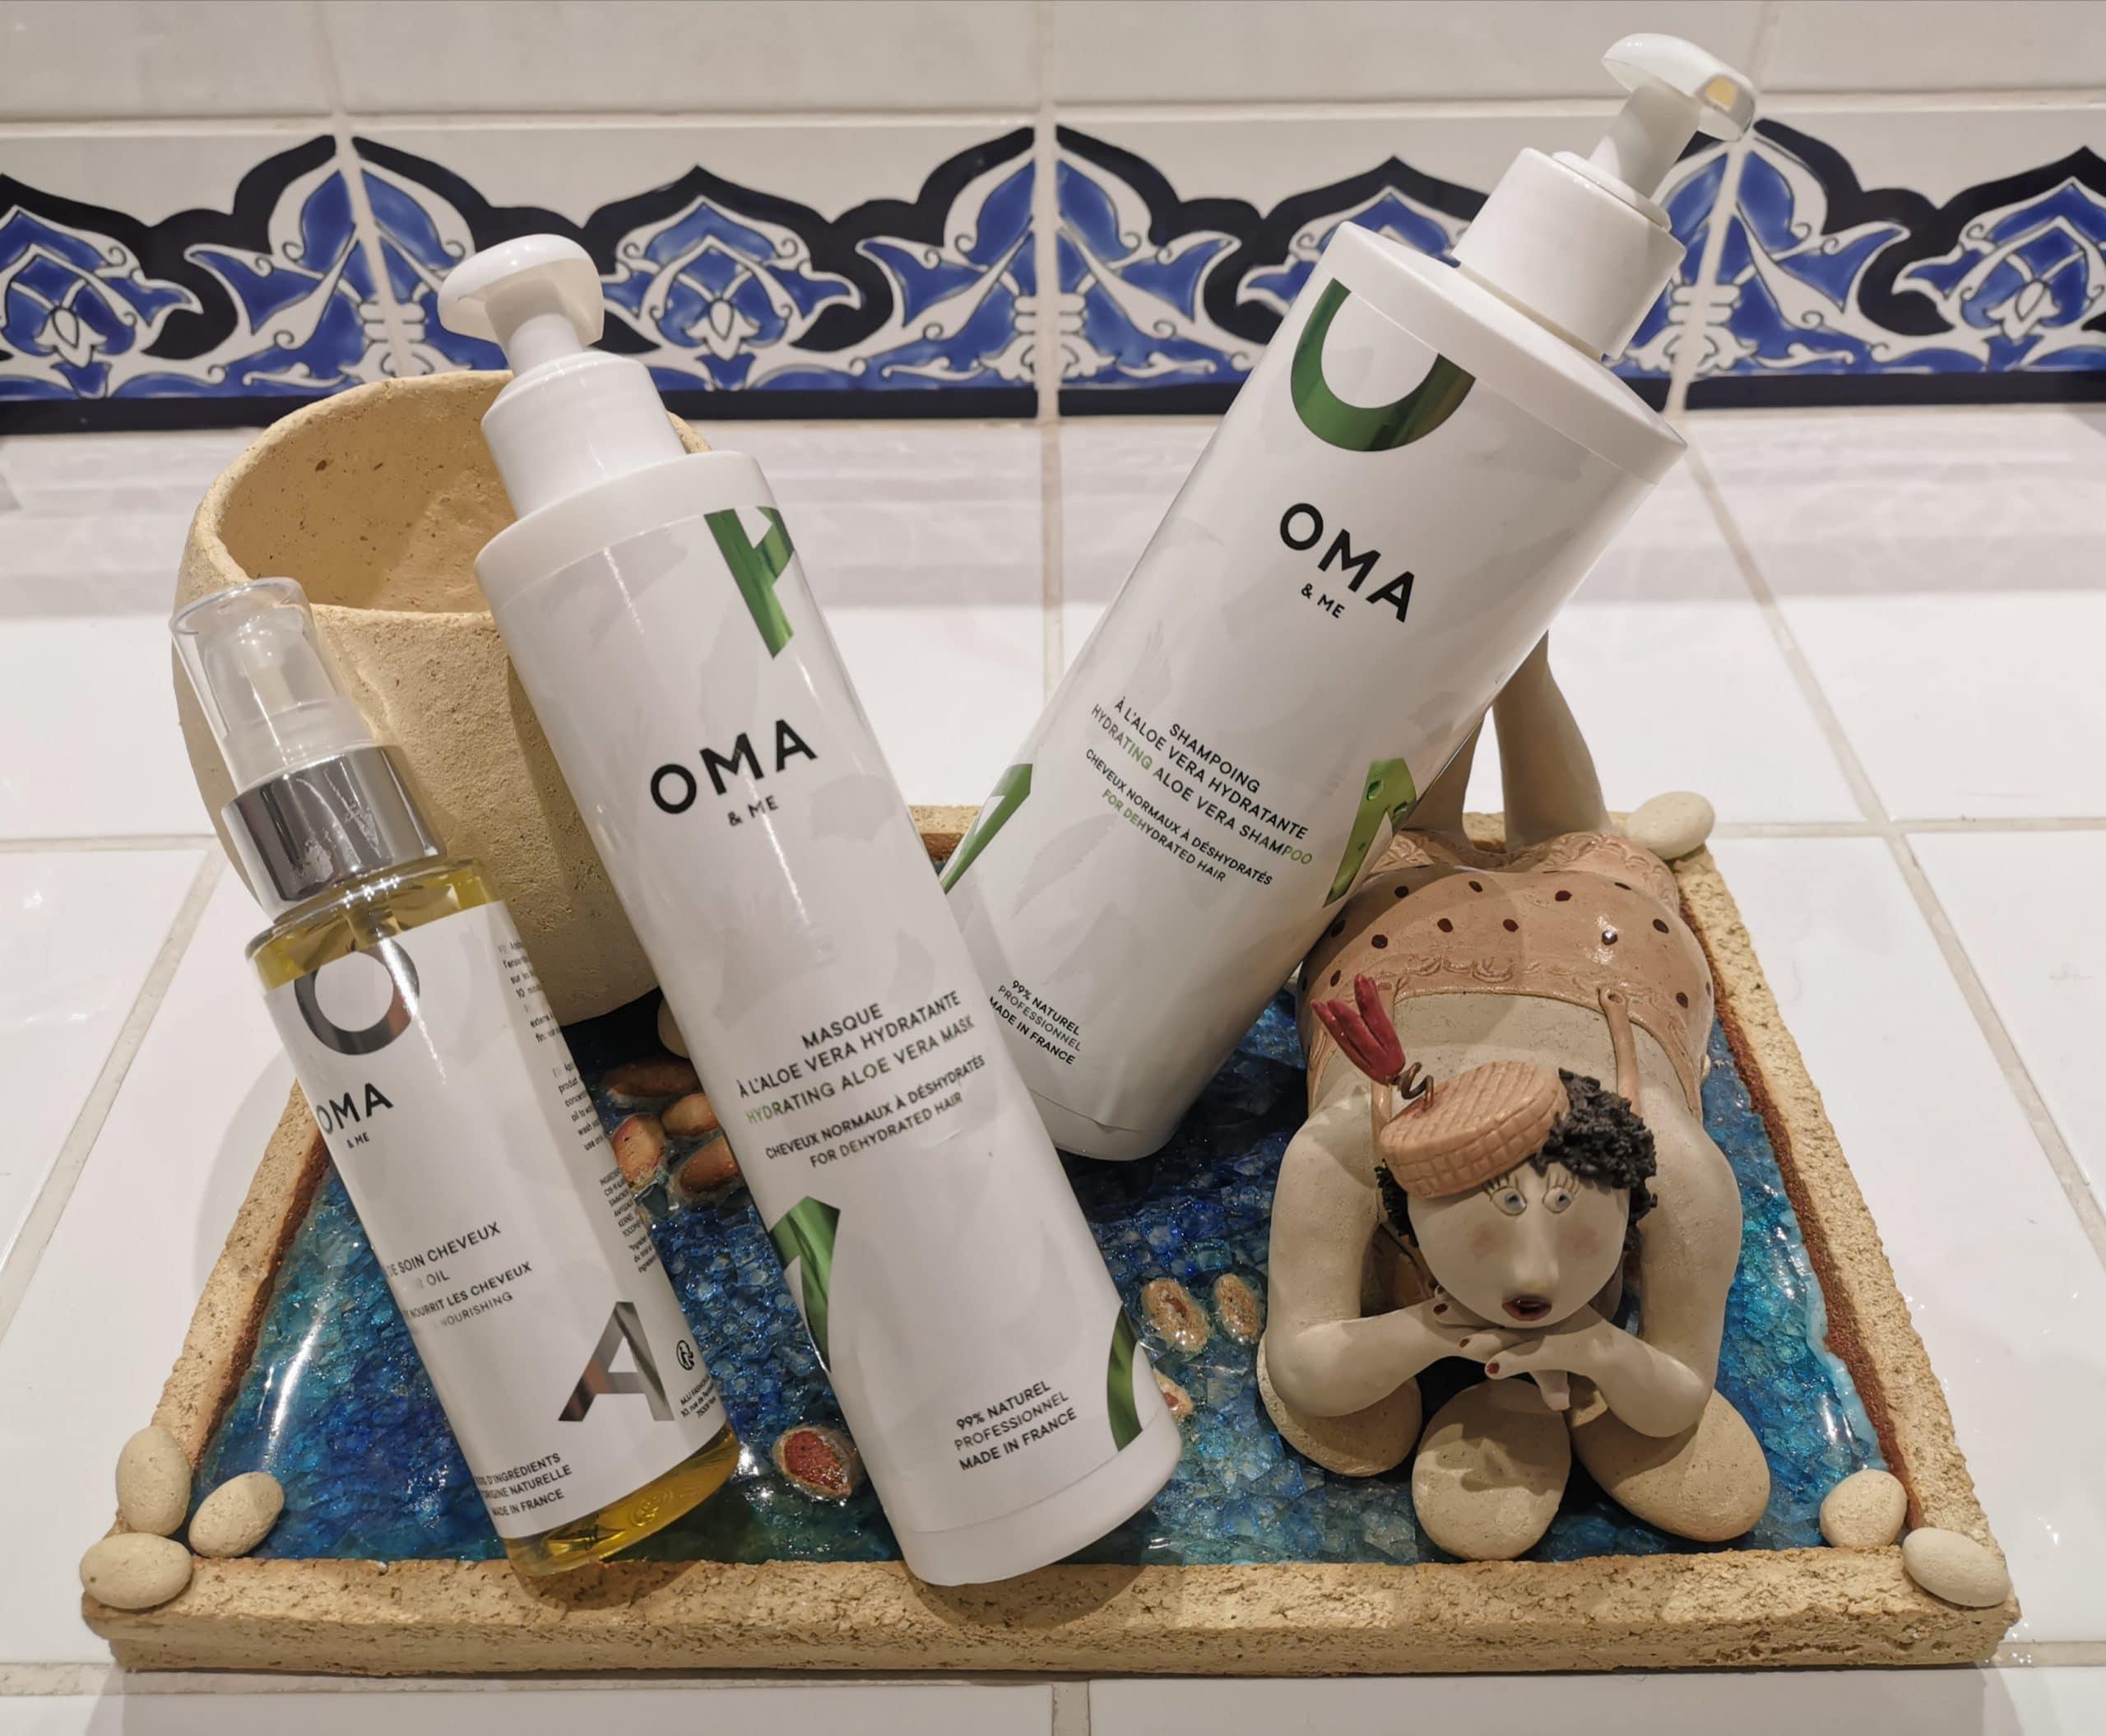 Test et avis : que vaut la gamme Aloe Vera Oma & Me ?